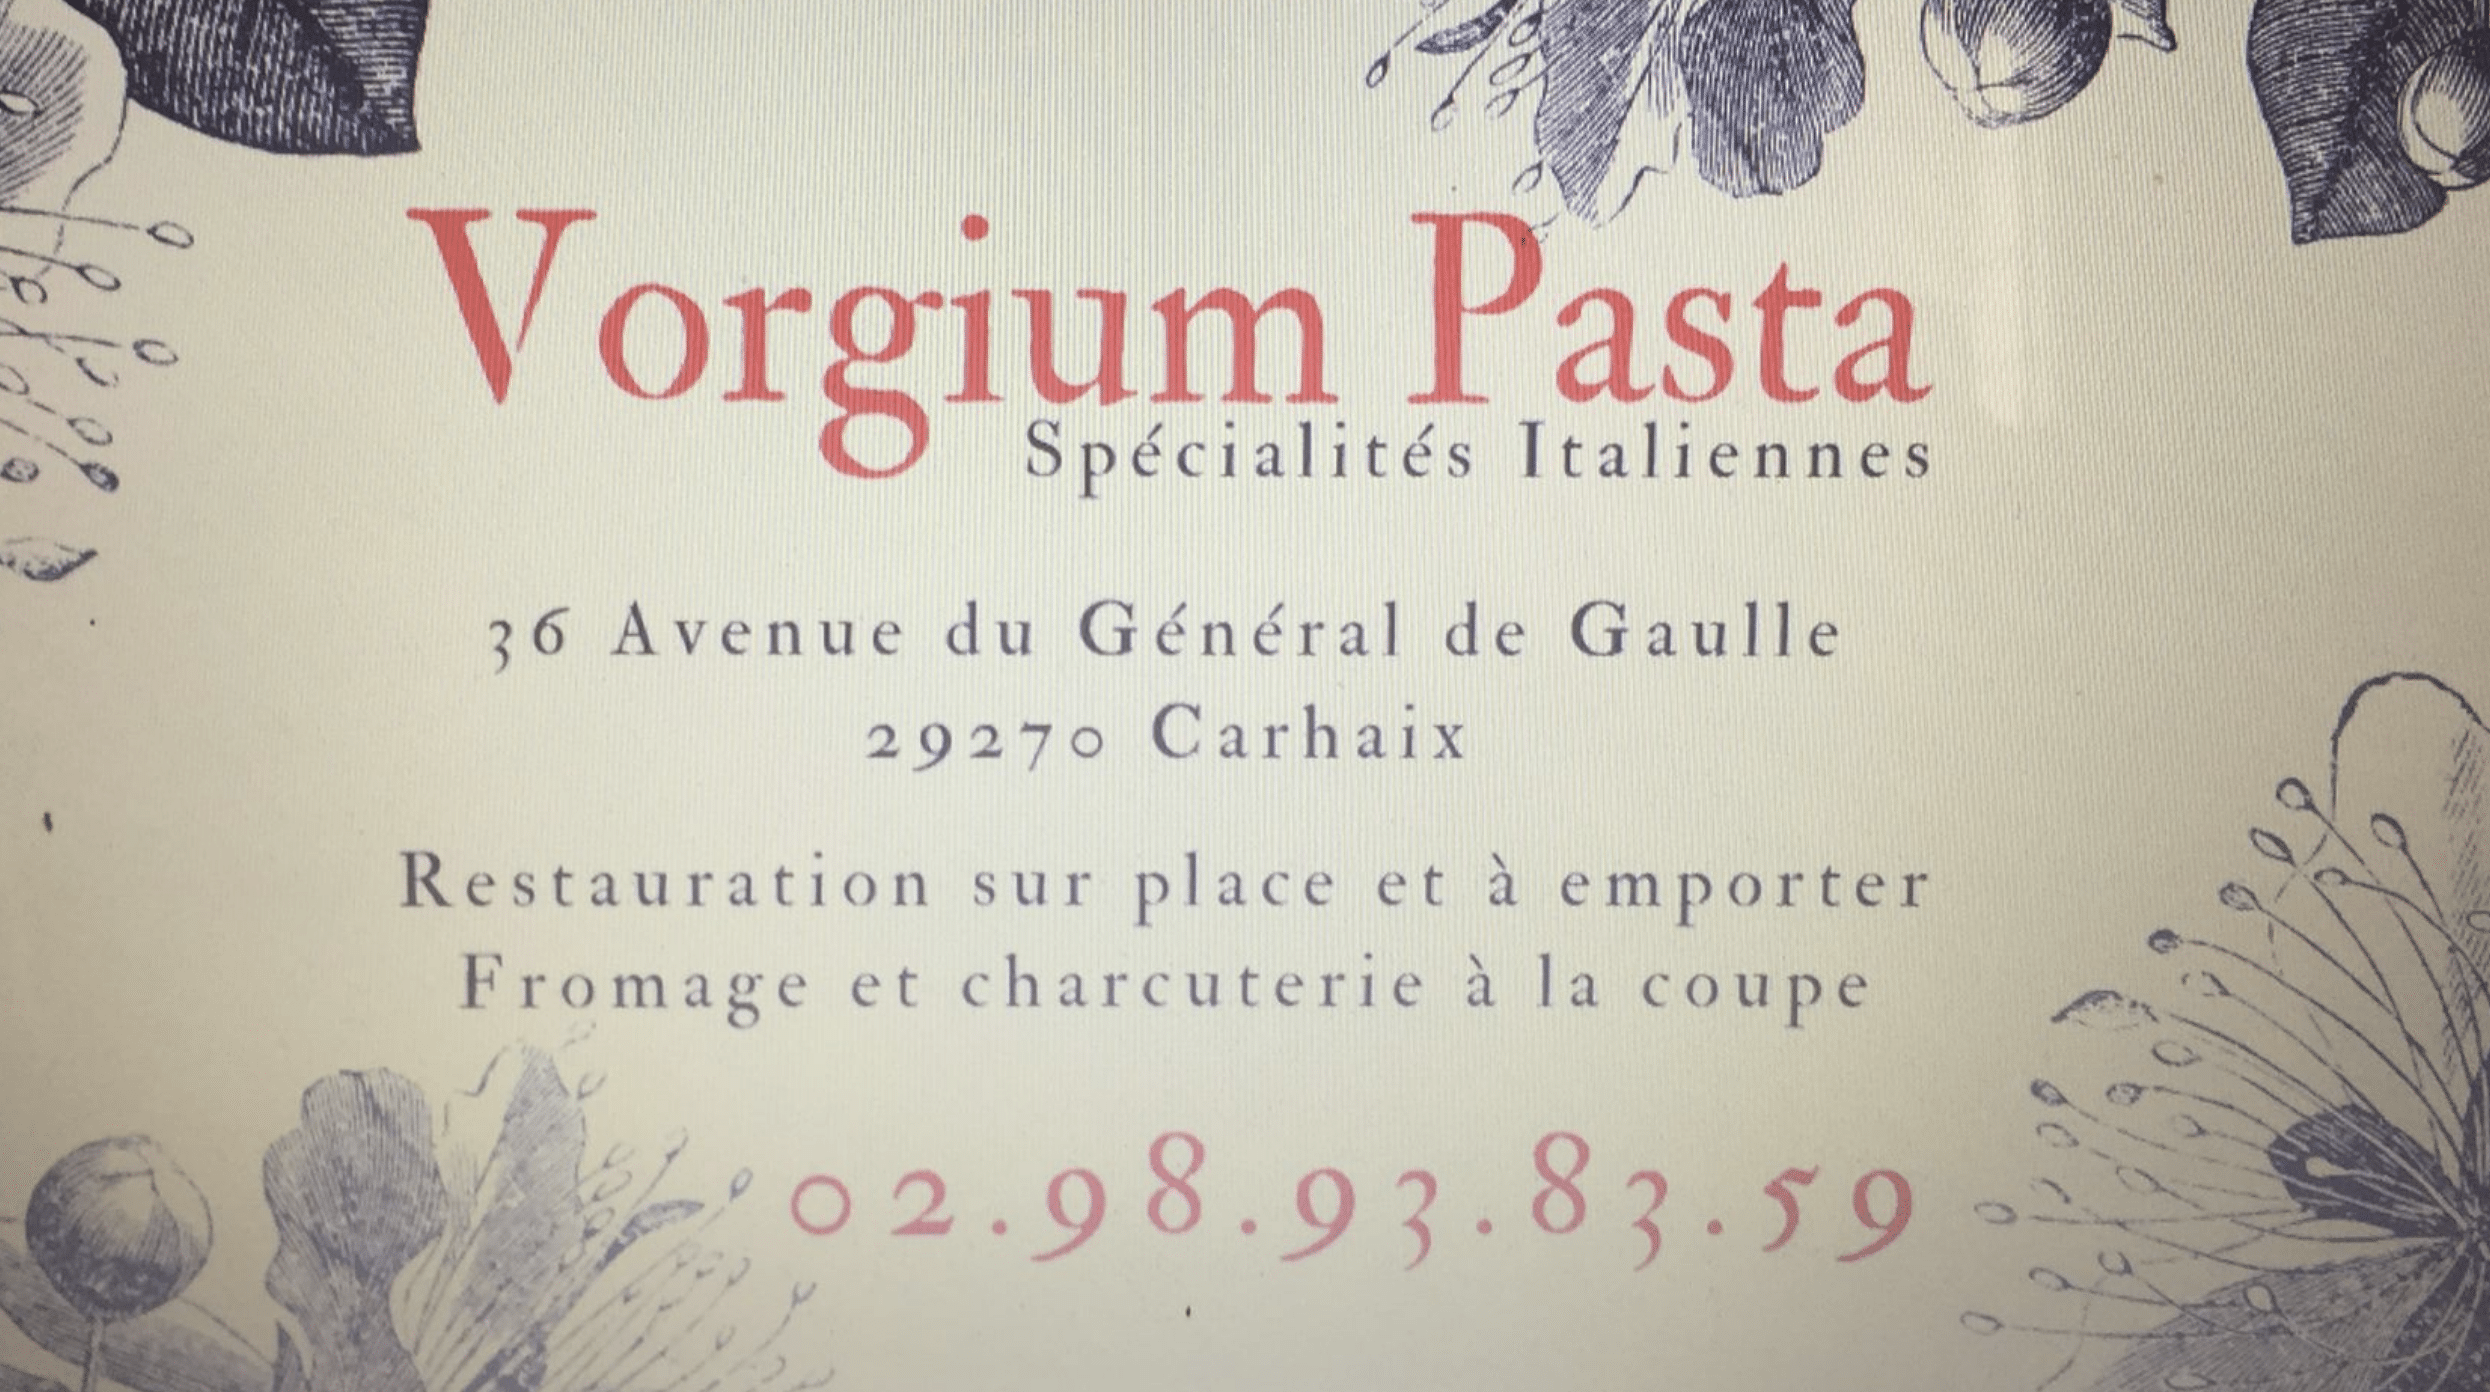 vorgium_pasta_carhaix